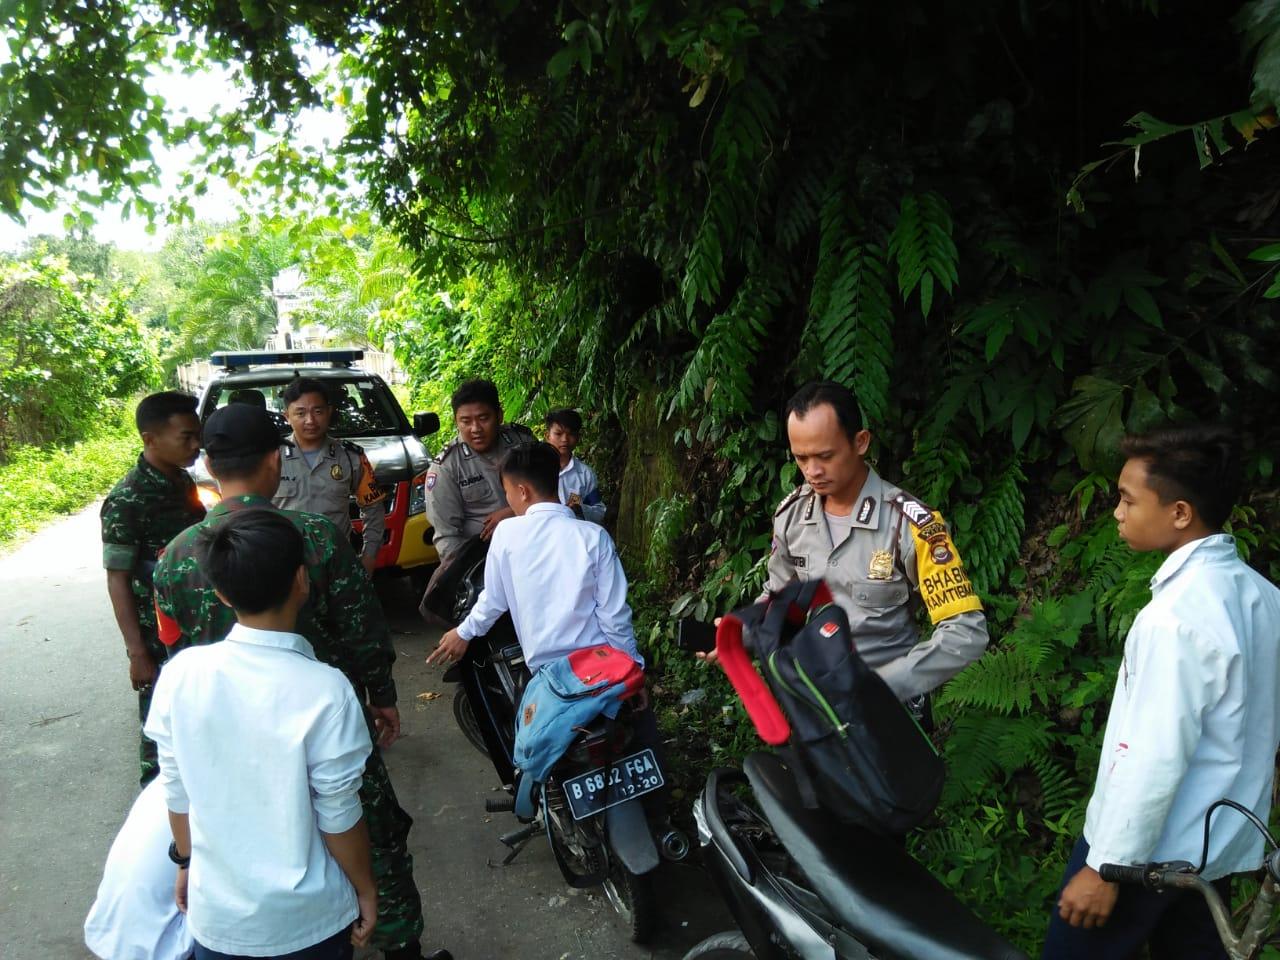 Temukan Siswa Bolos Sekolah, Tim Patroli Bersama TNI/POLRI Beri Himbauan